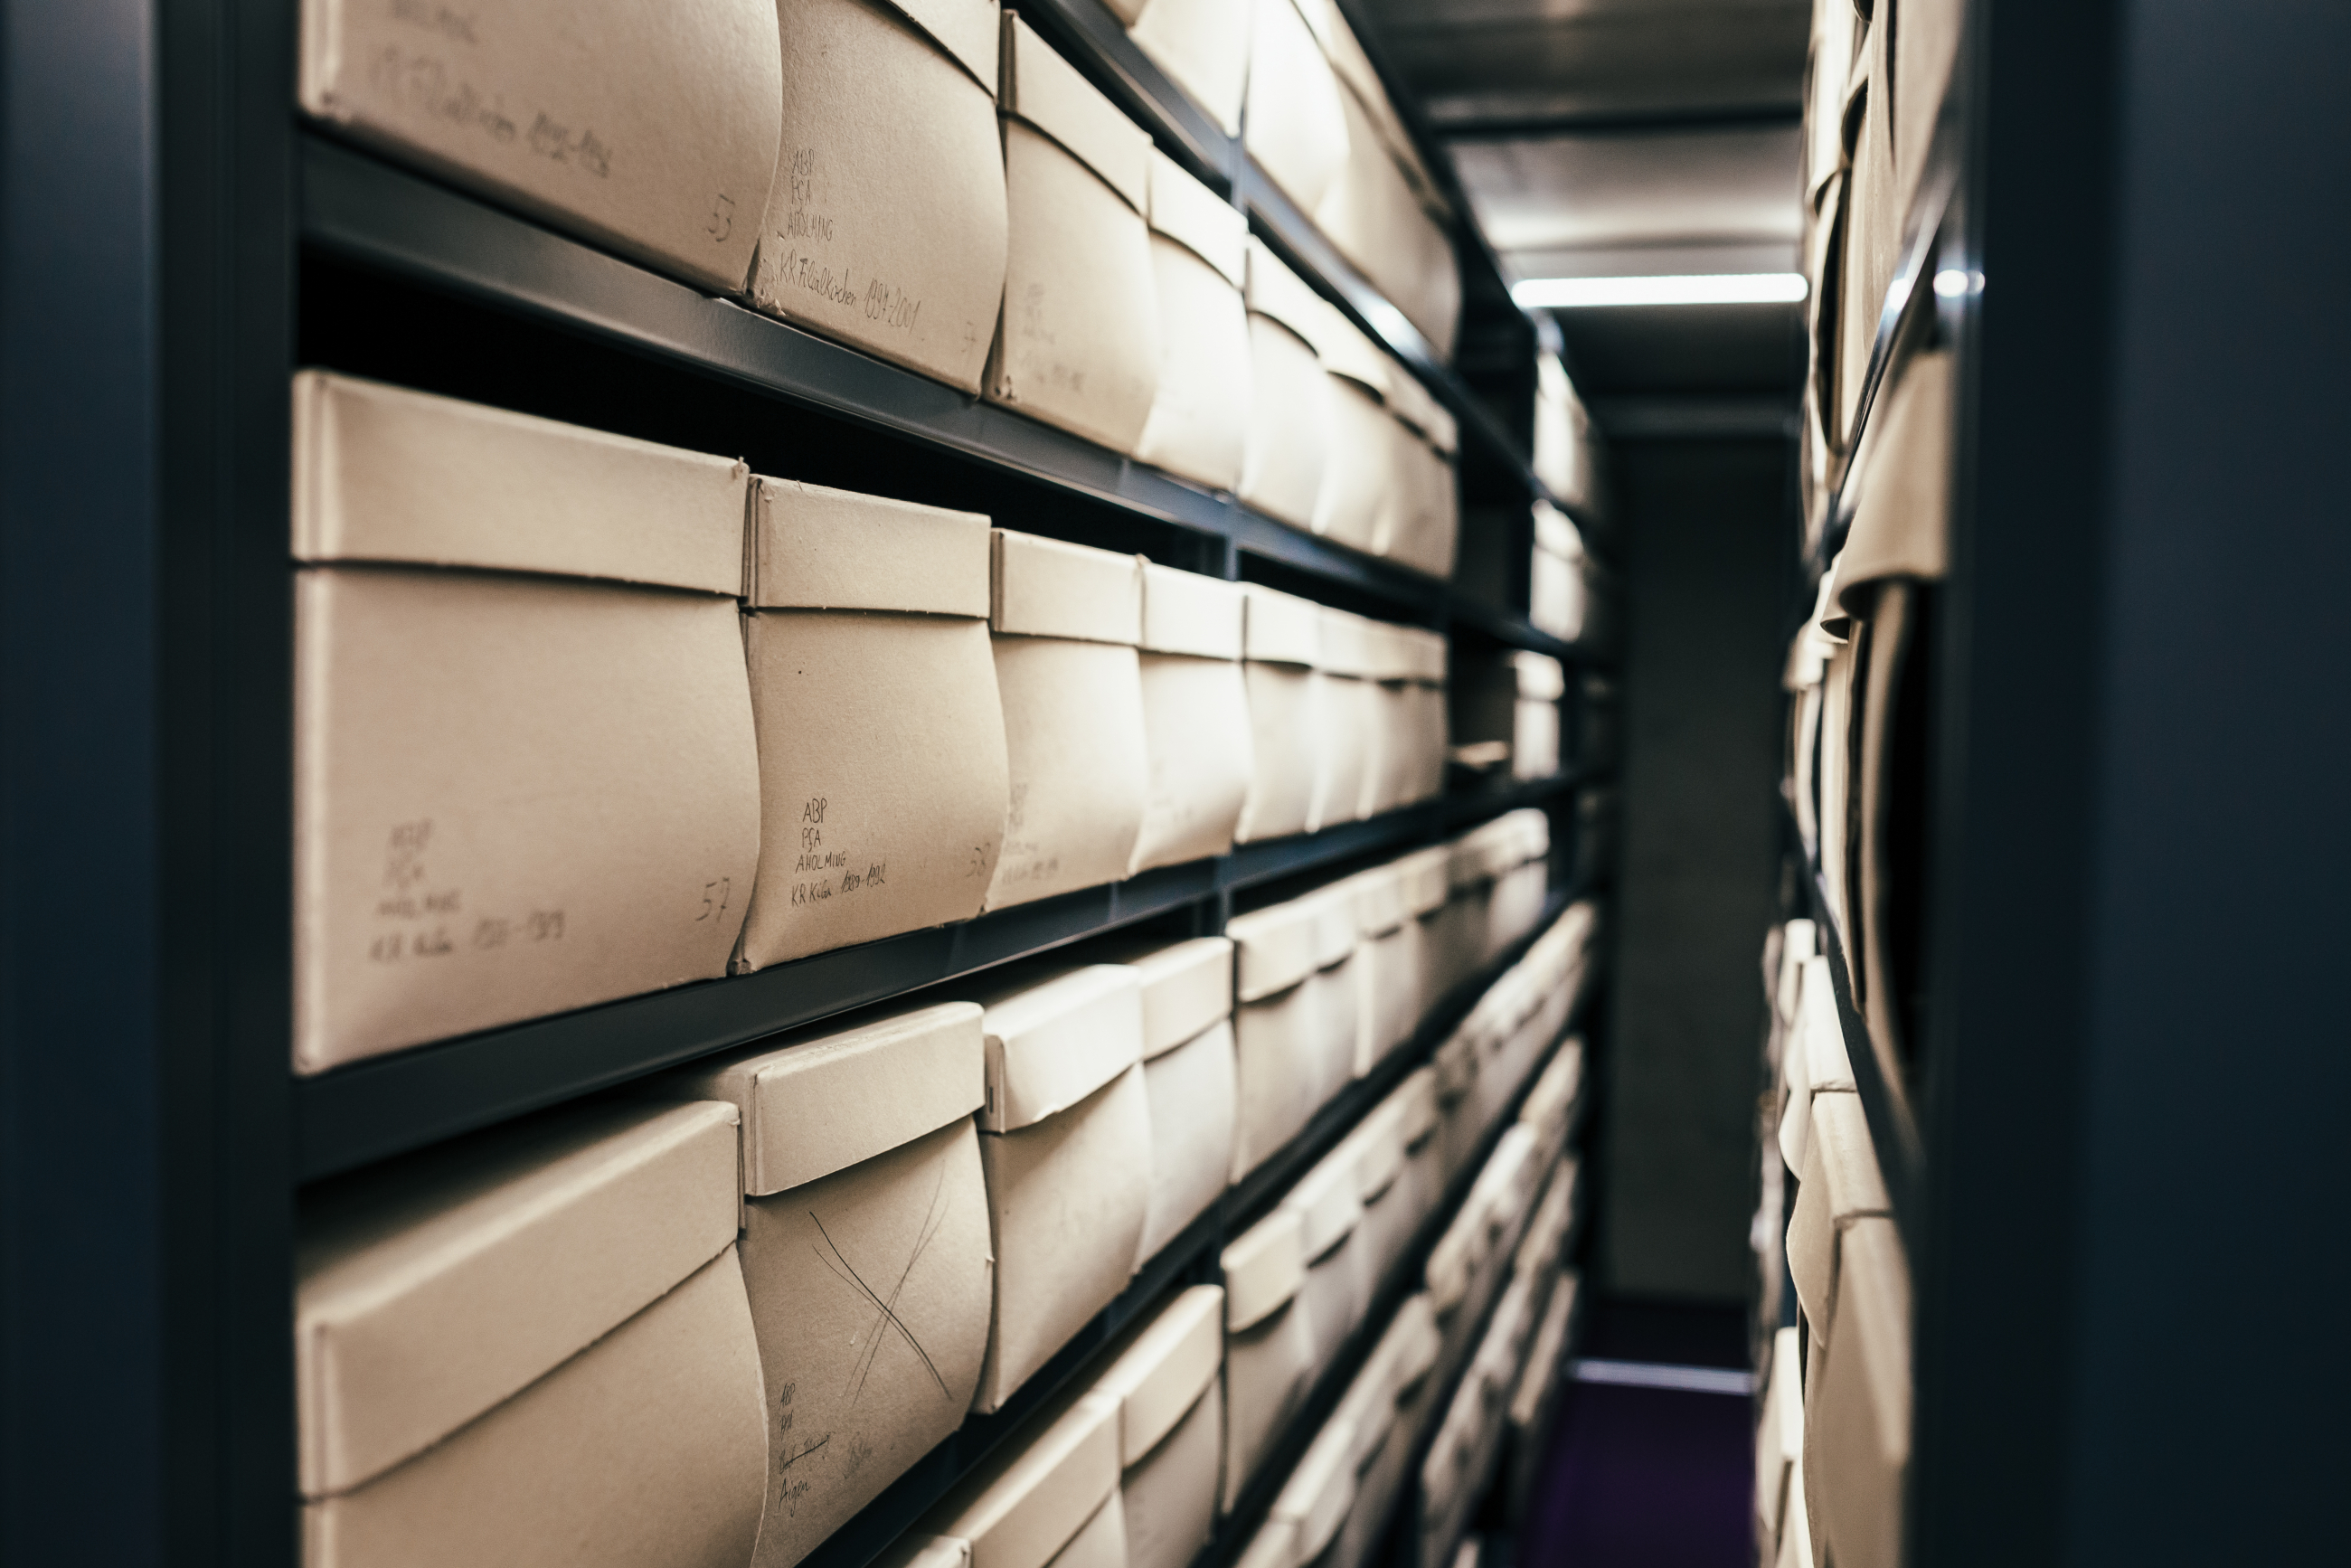 2019 Bistum Archiv Genealogische Datenbank 2